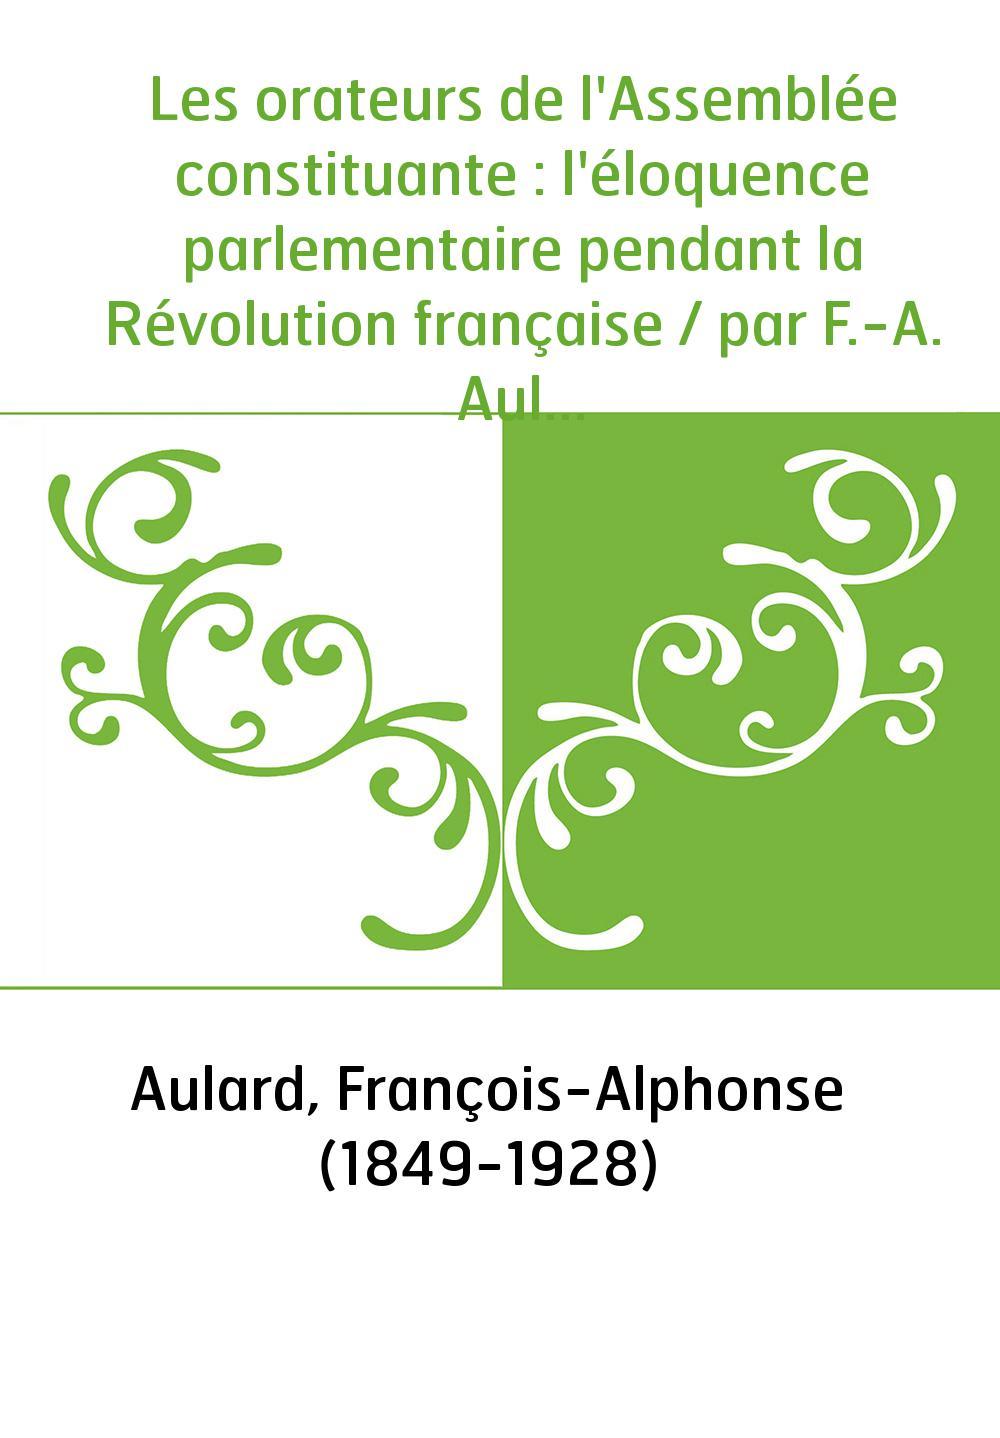 Les orateurs de l'Assemblée constituante : l'éloquence parlementaire pendant la Révolution française / par F.-A. Aulard,...